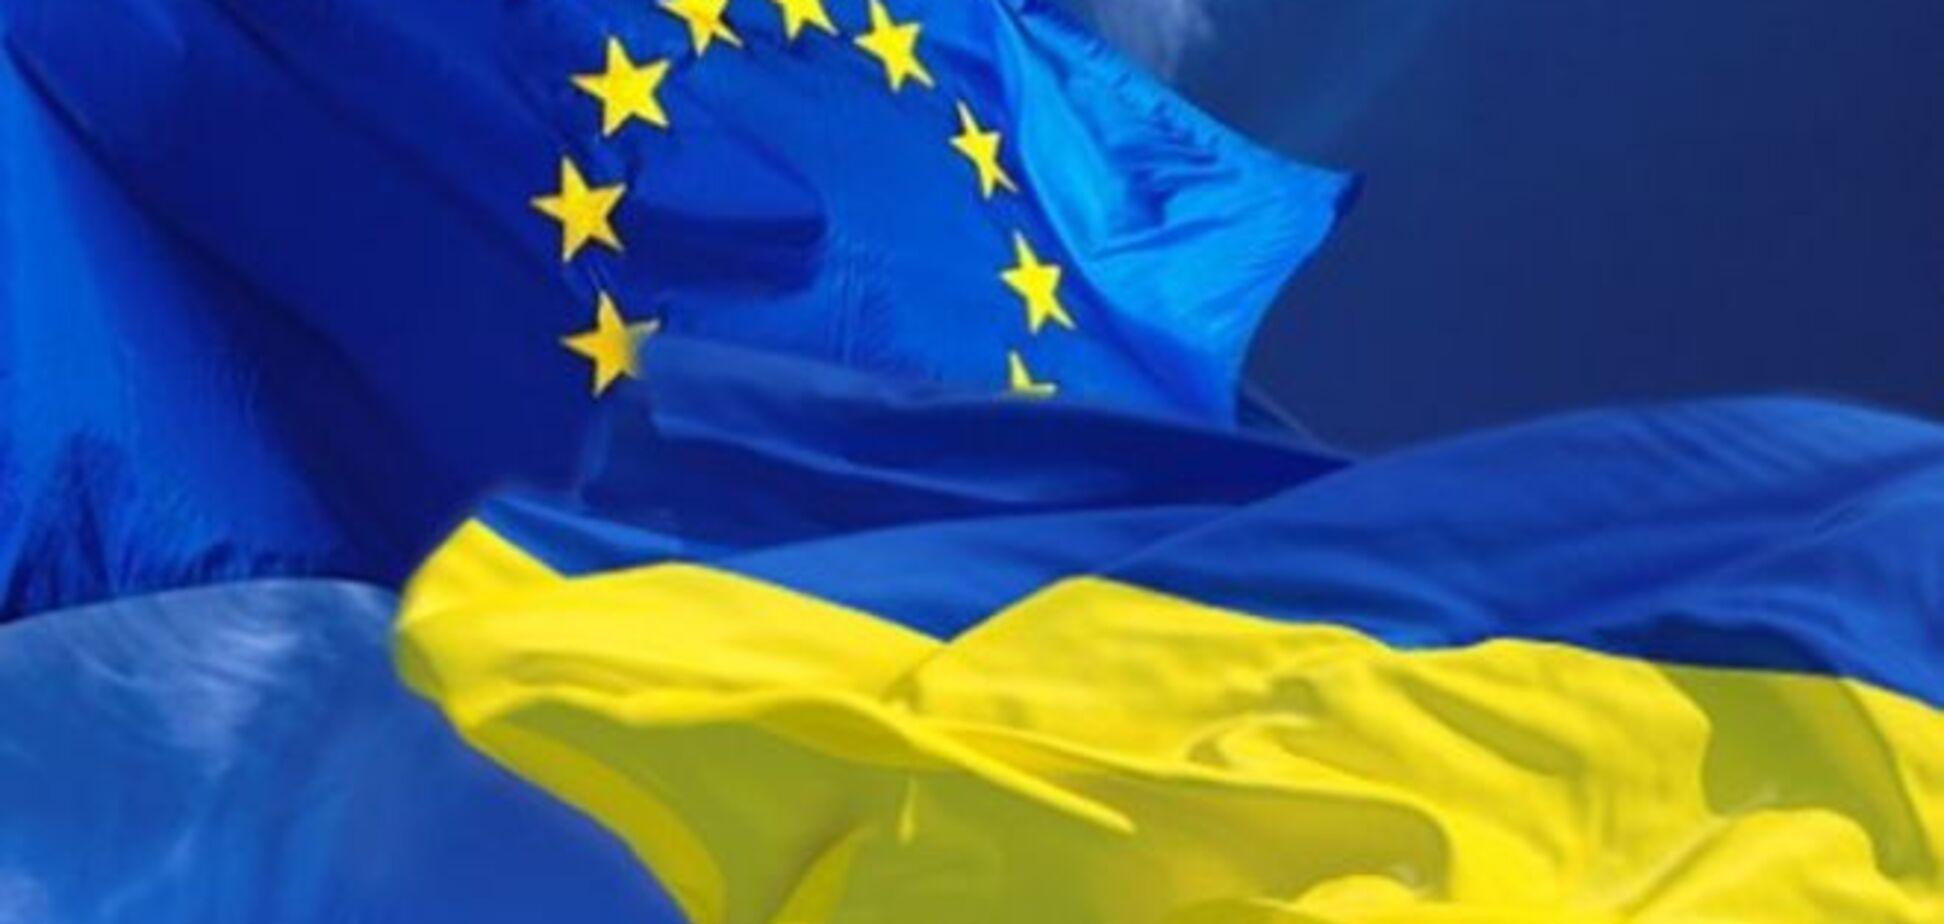 Бондаренко каже, що Україна стукає в наглухо зачинені двері ЄС